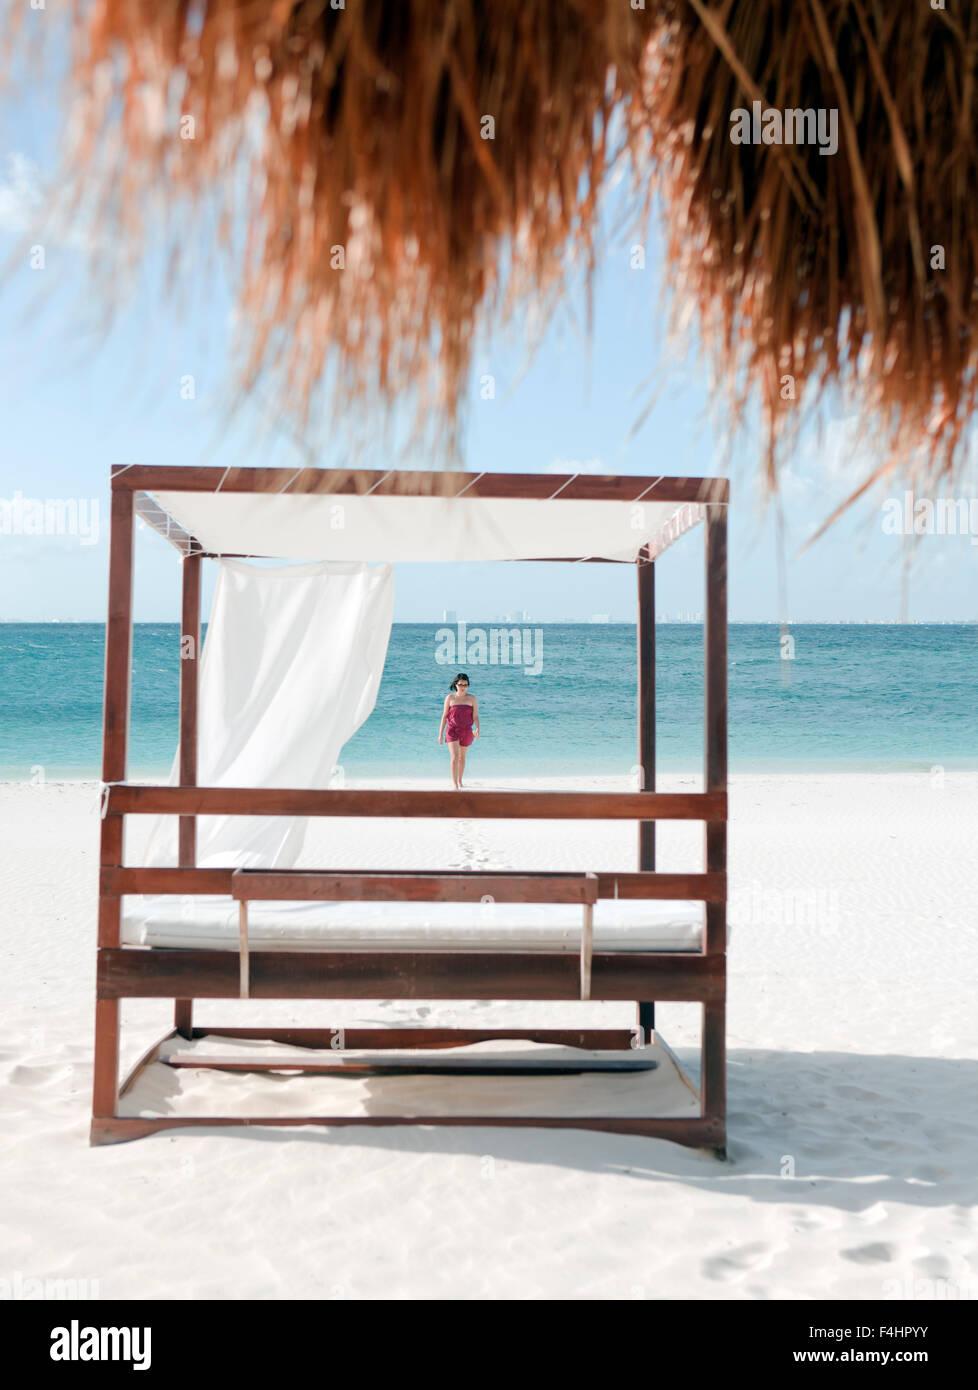 Der Strand auf der Isla Mujeres, einer Insel vor Cancún, Quintana Roo, Mexiko. Stockbild